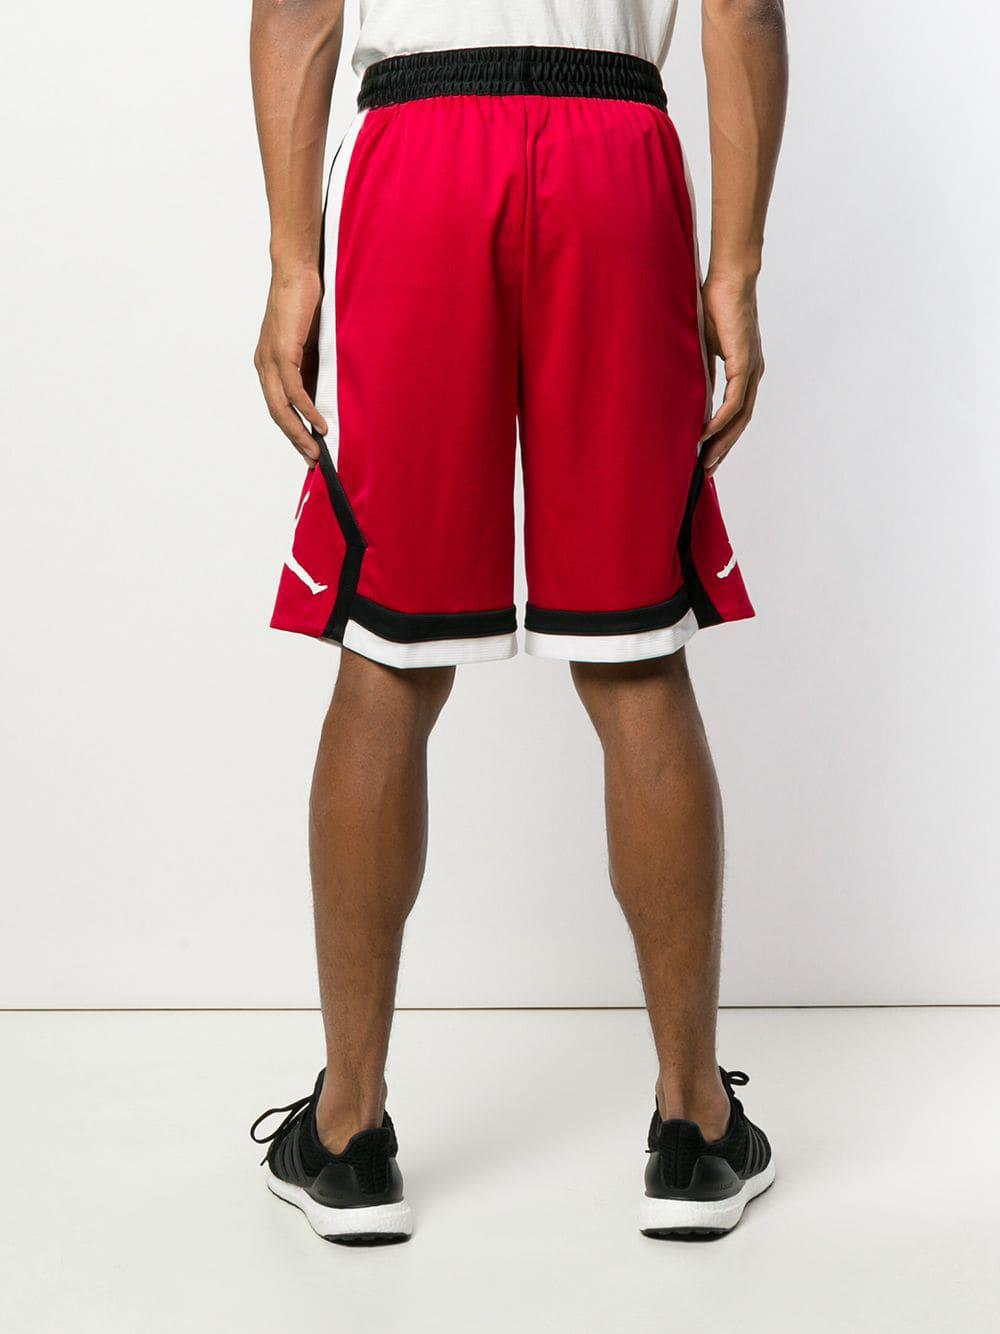 4573e20765e6 Nike Air Jordan Basketball Shorts in Red for Men - Lyst